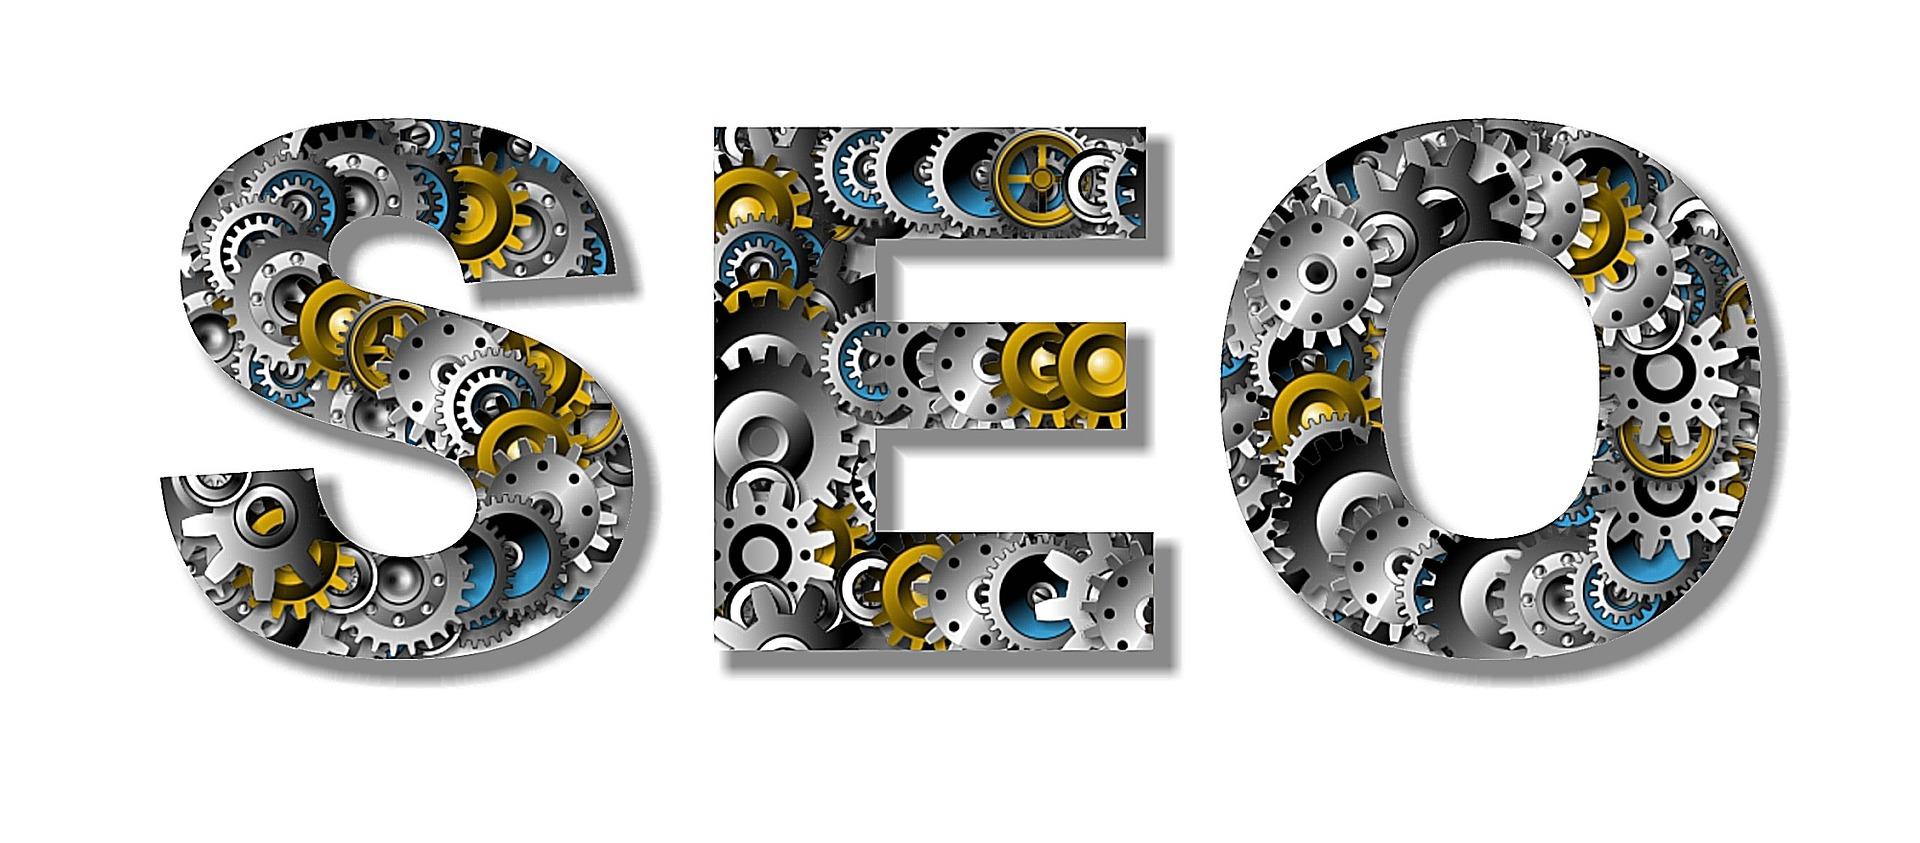 SEO продвижение, оптимизация и наполнение сайта уникальным контентом